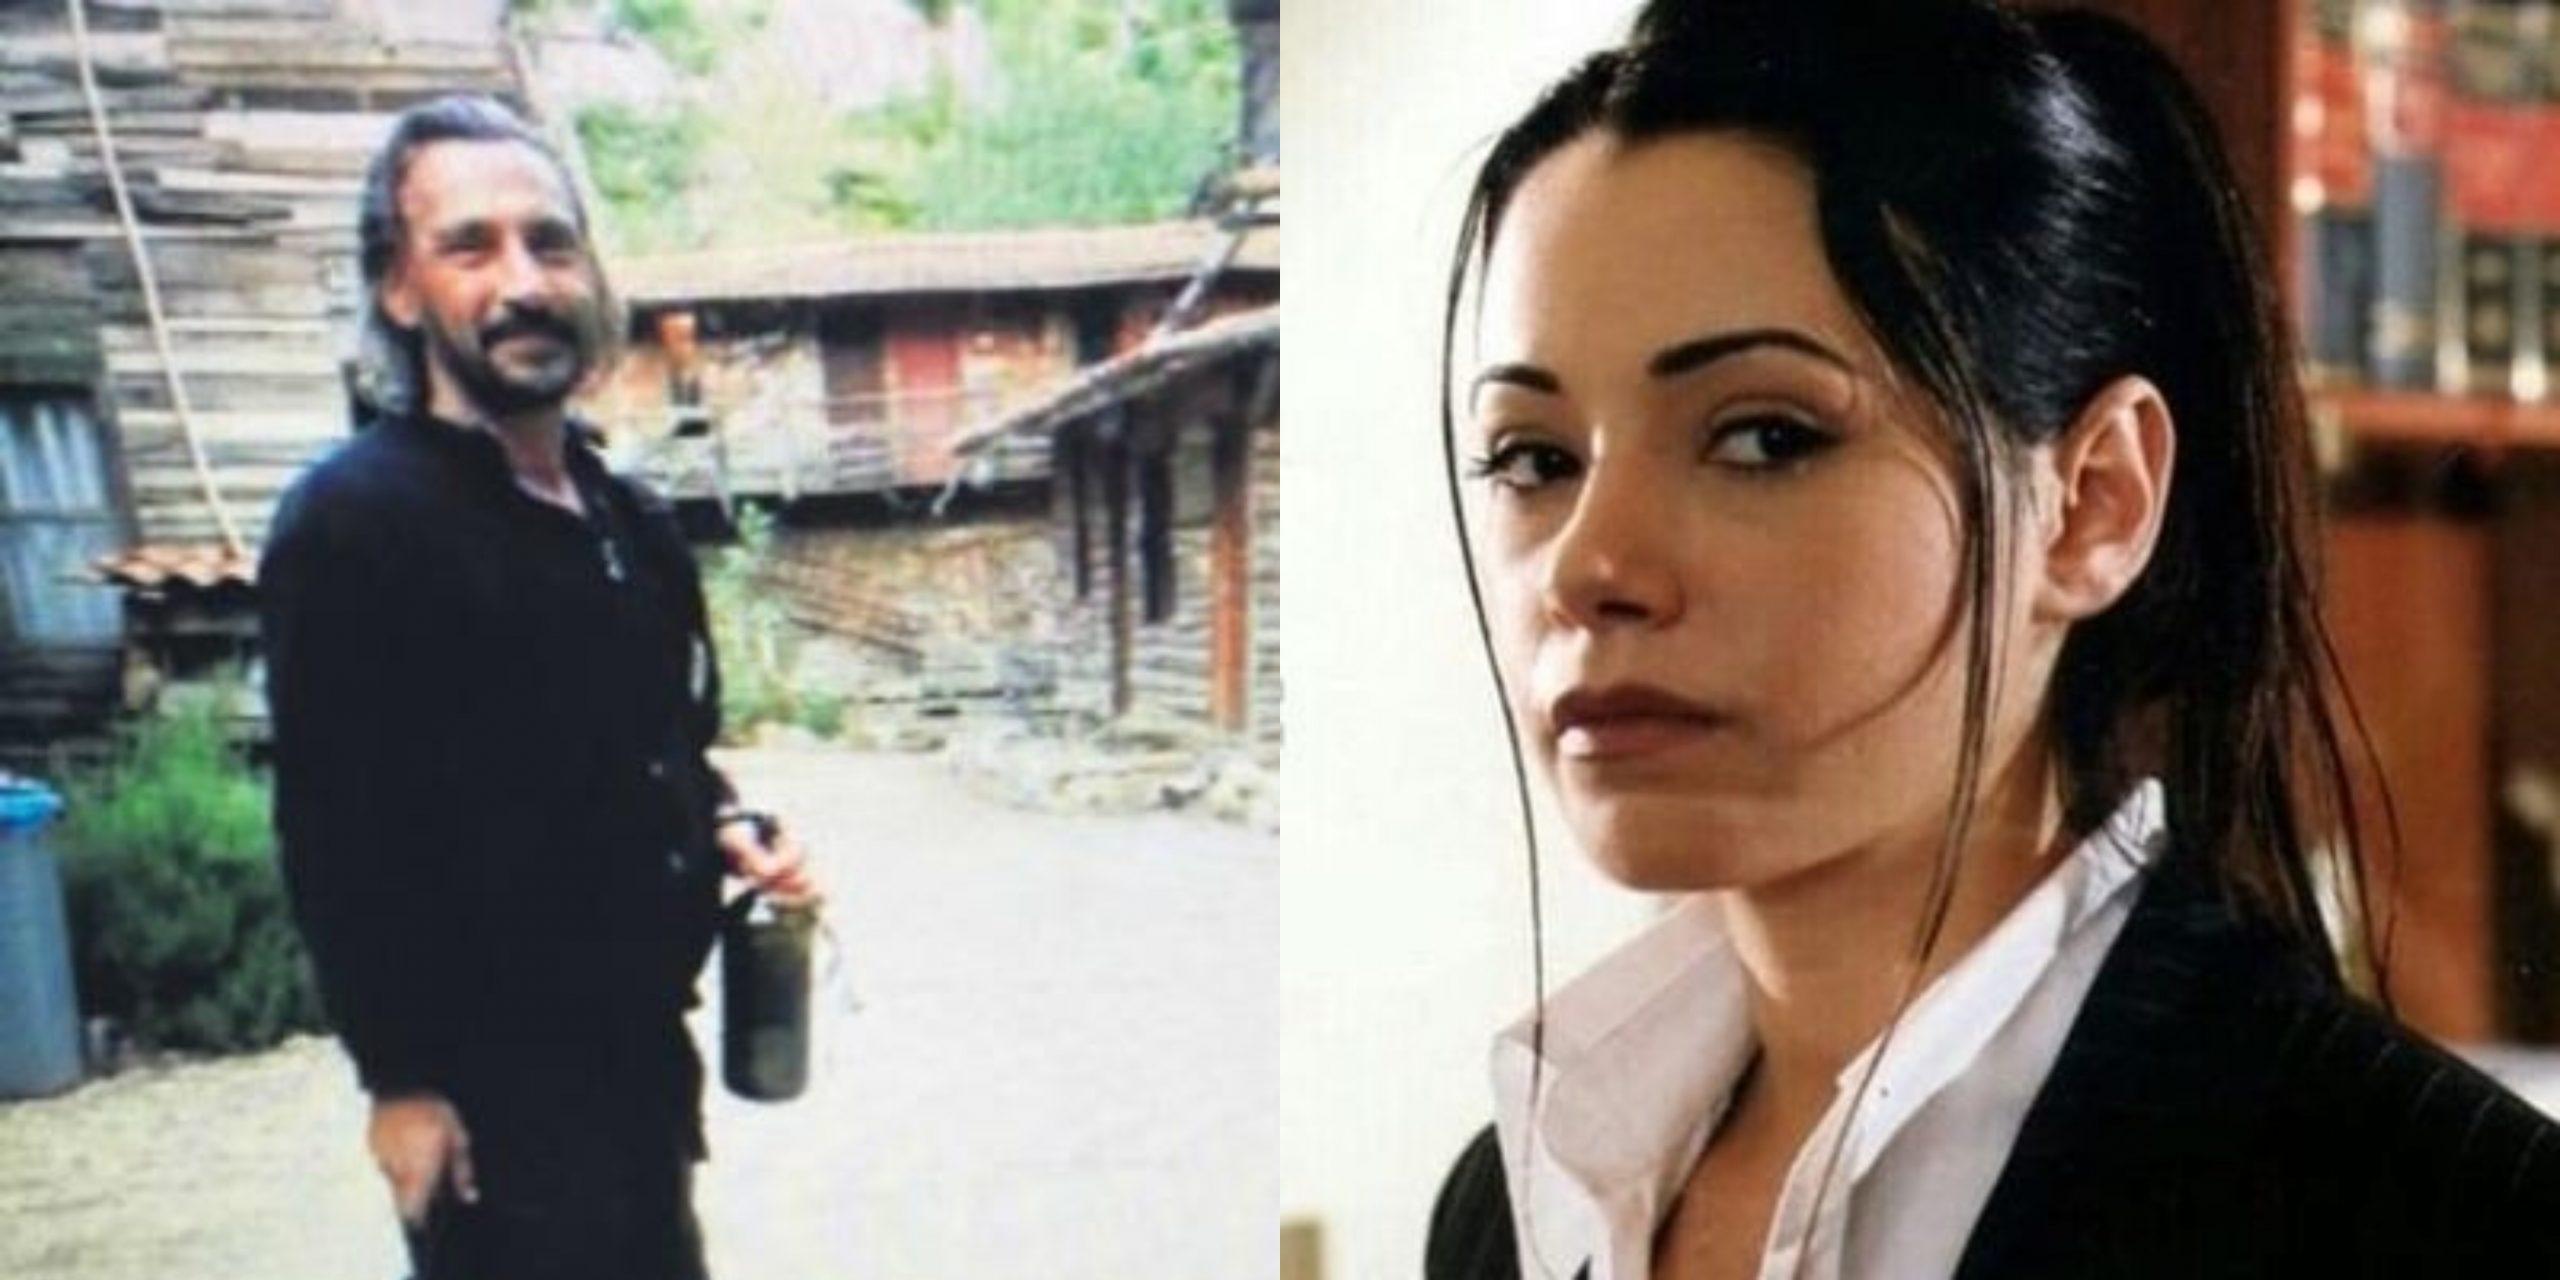 Oyuncu Özgü Namal'ın eşi Serdar Oral